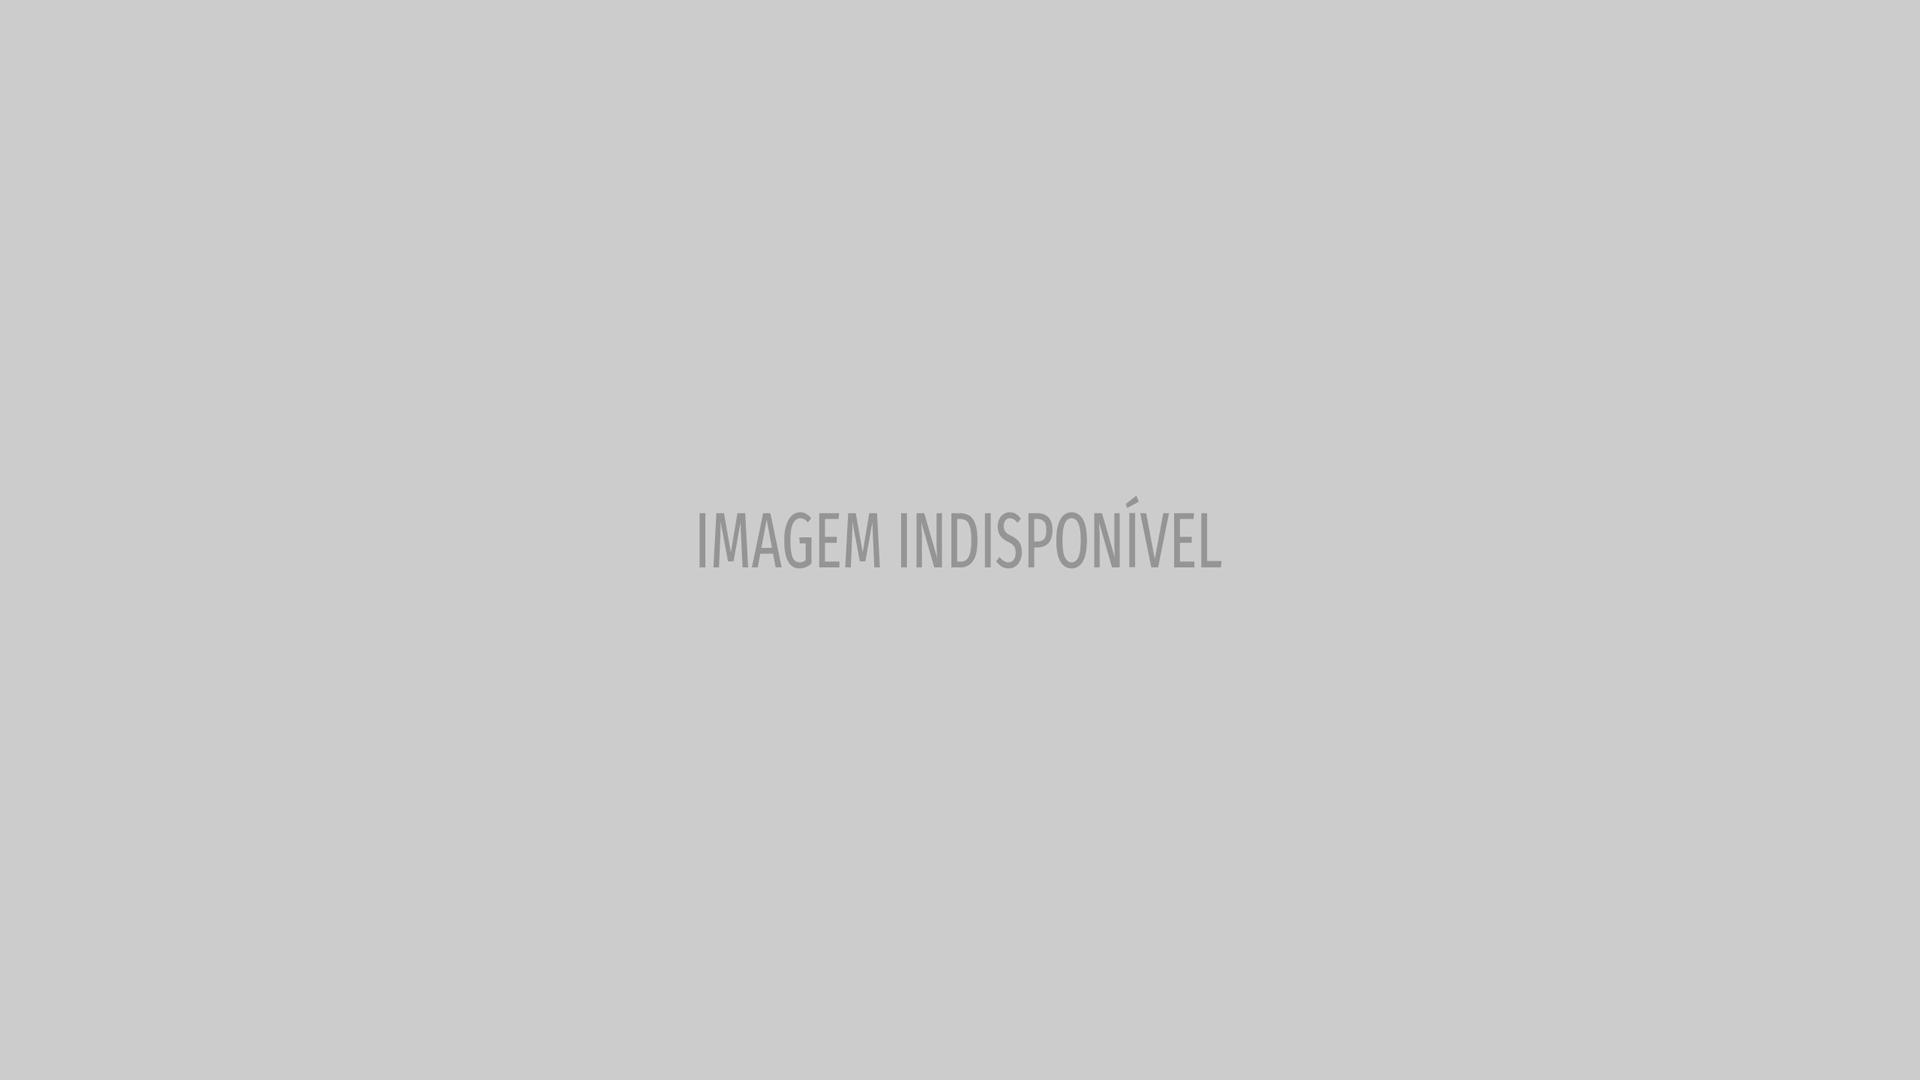 César Tralli diz que não contou com favores para pagar casamento